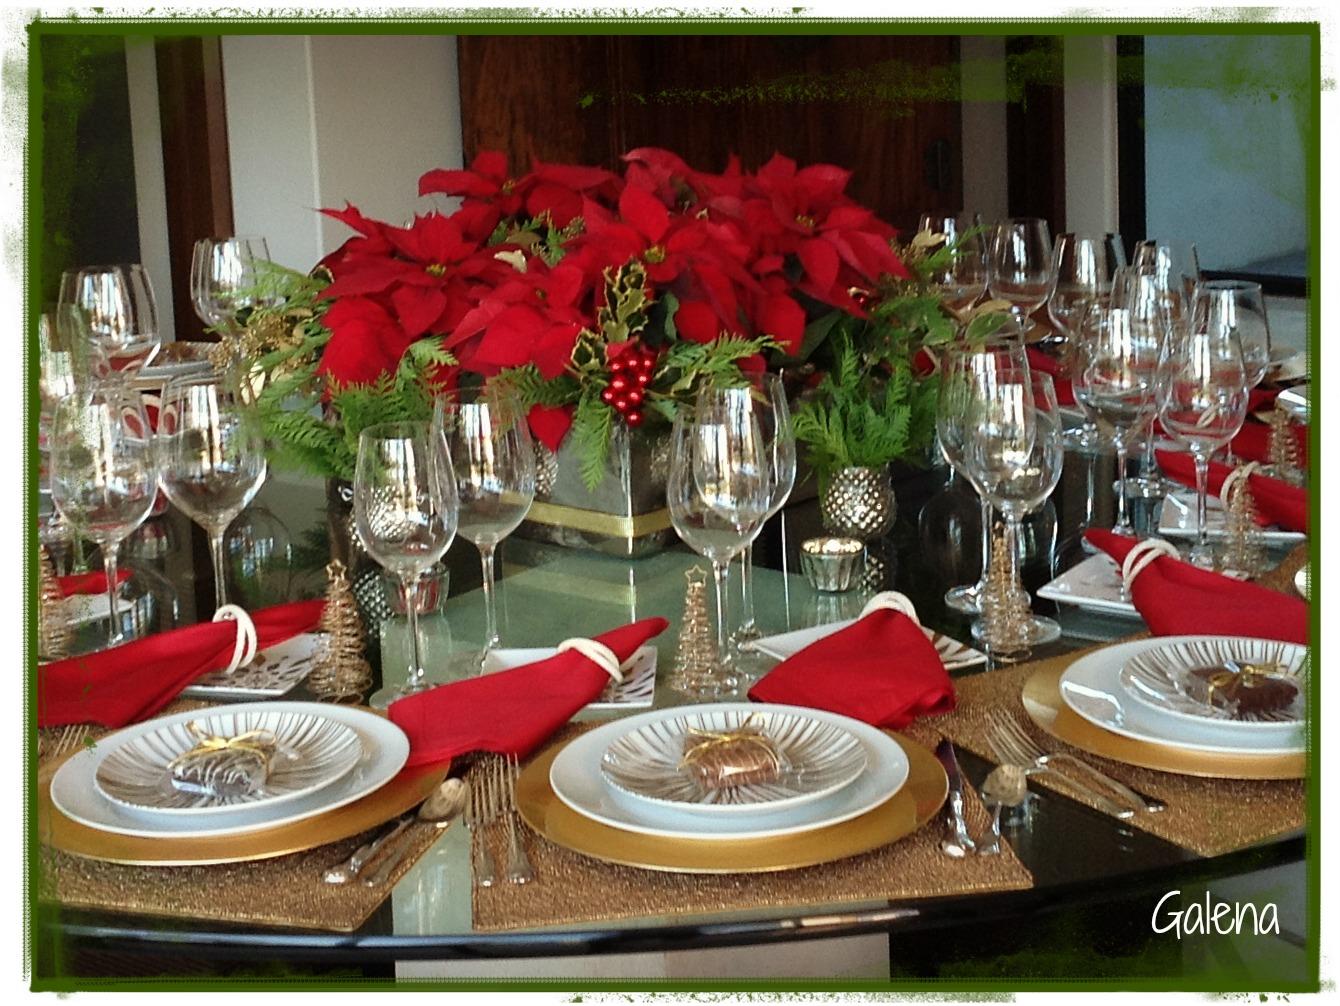 Centro de mesa con nochebuenas ana galena - Mesa de navidad elegante ...